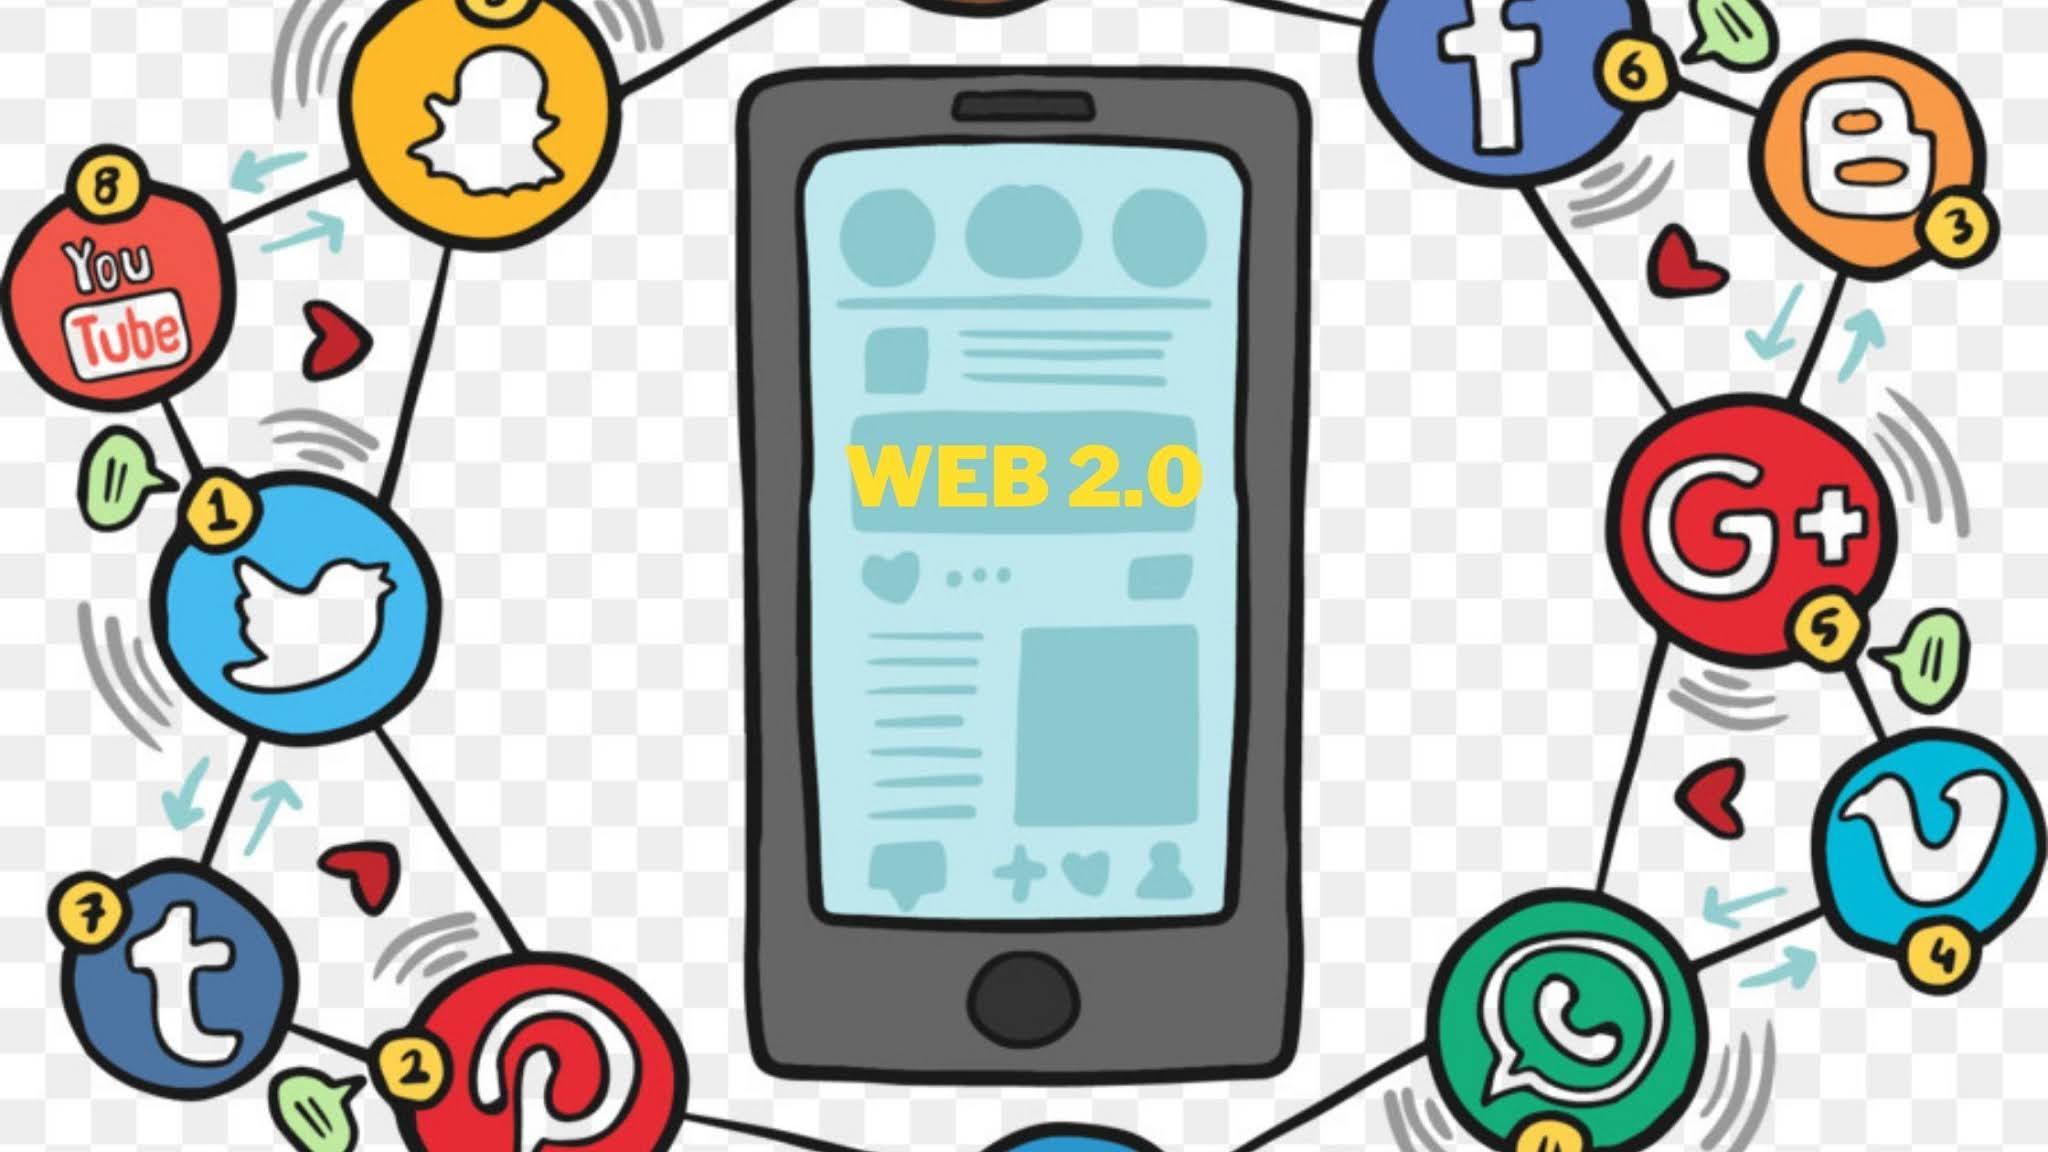 Web 2.0 क्या है